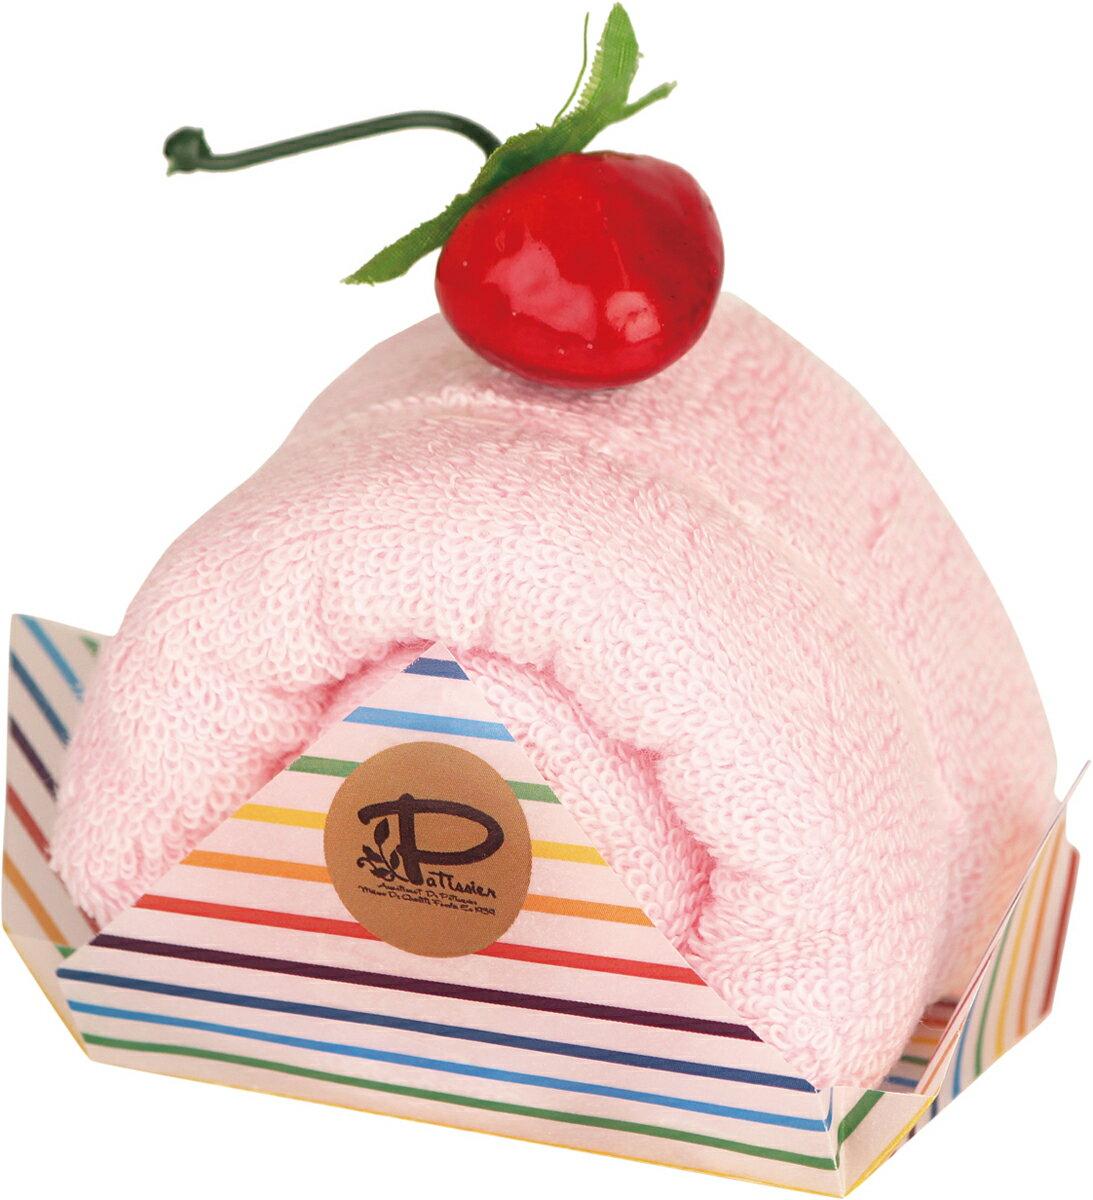 プレーリードッグ ロールケーキ サクラ LPSR-7041【あす楽対応】【今治タオル】【ケーキタオル】【上質な肌触り】【日本製】【タオルギフト】【プチギフト】【簡易ラッピング済】 見た目に美味しく、貰って嬉しいタオルギフト。 お返しにぴったりのプチギフト。